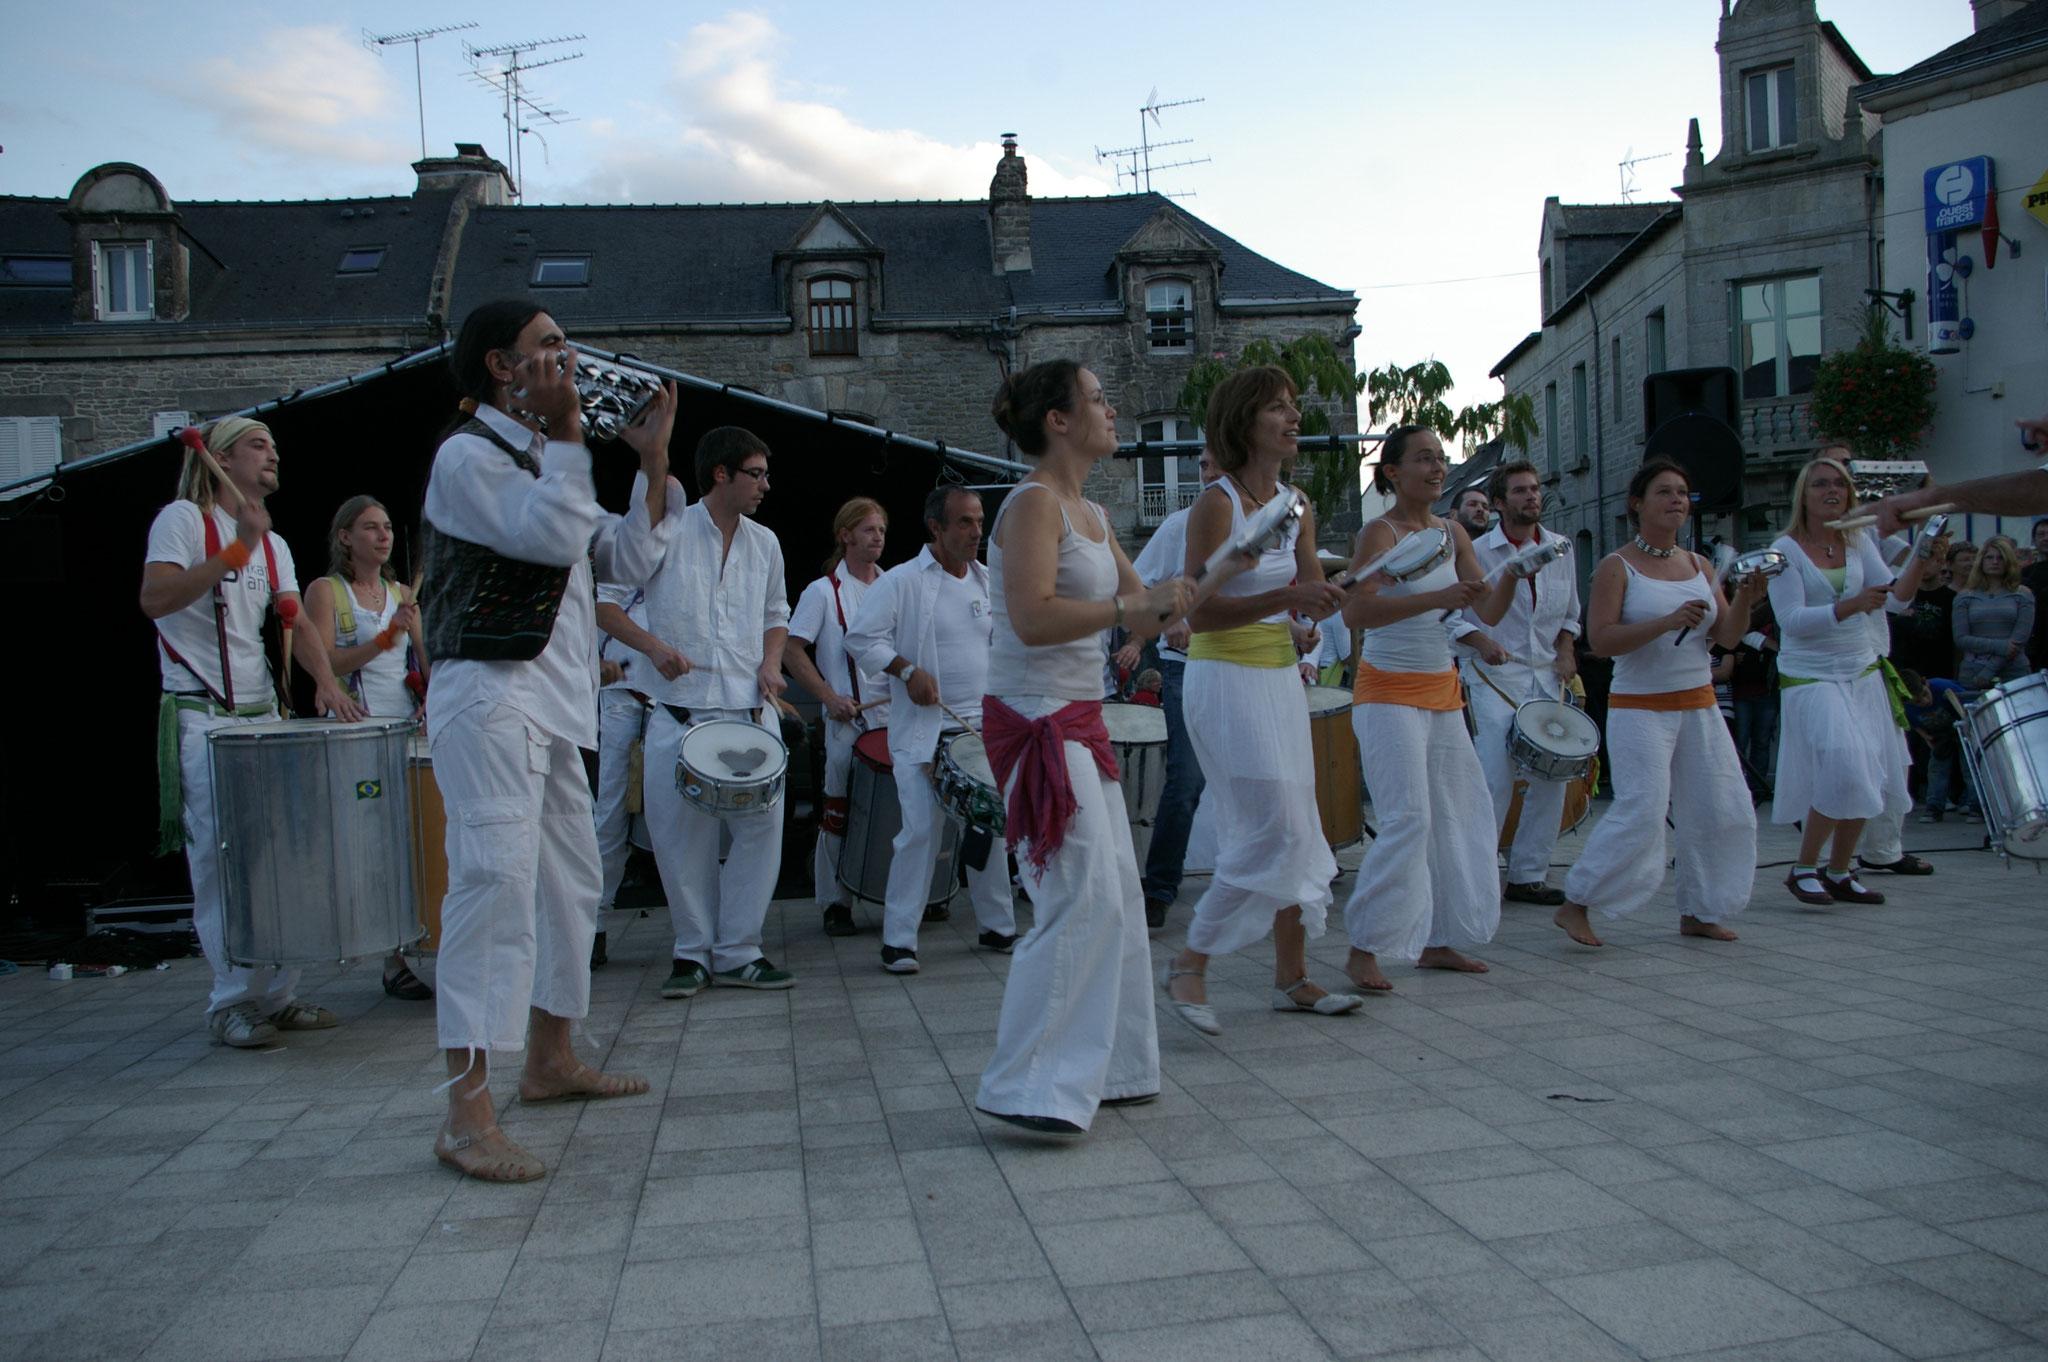 Fete de la musique, Questembert, 2009